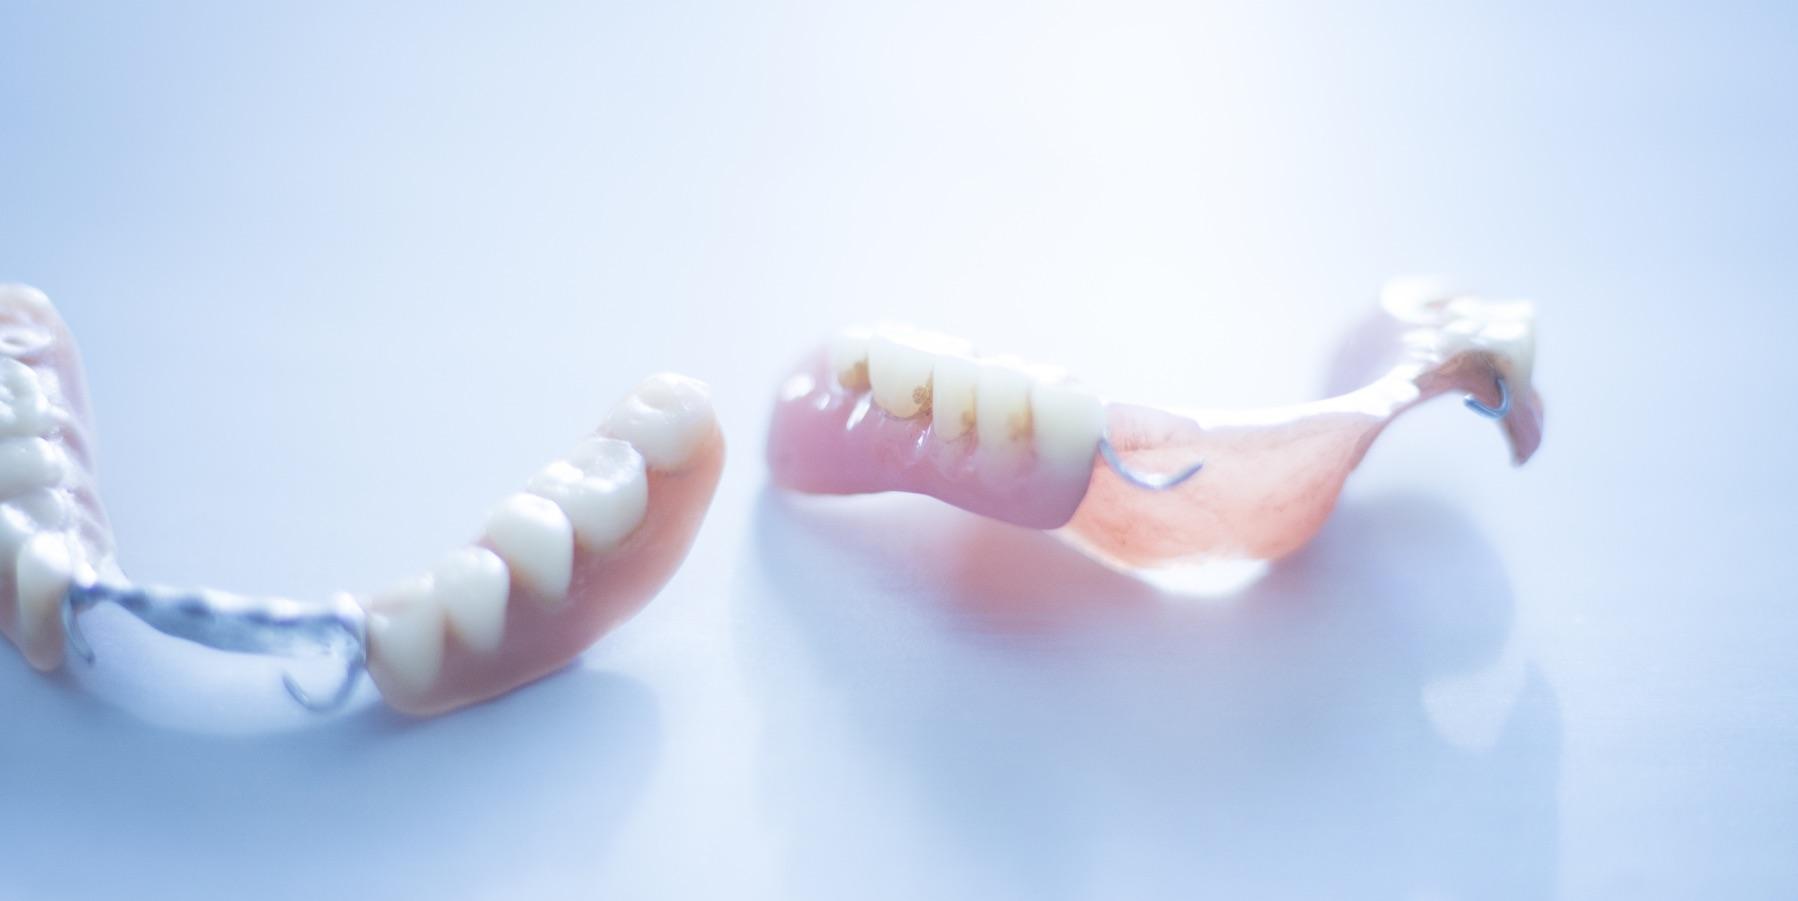 Två tandproteser